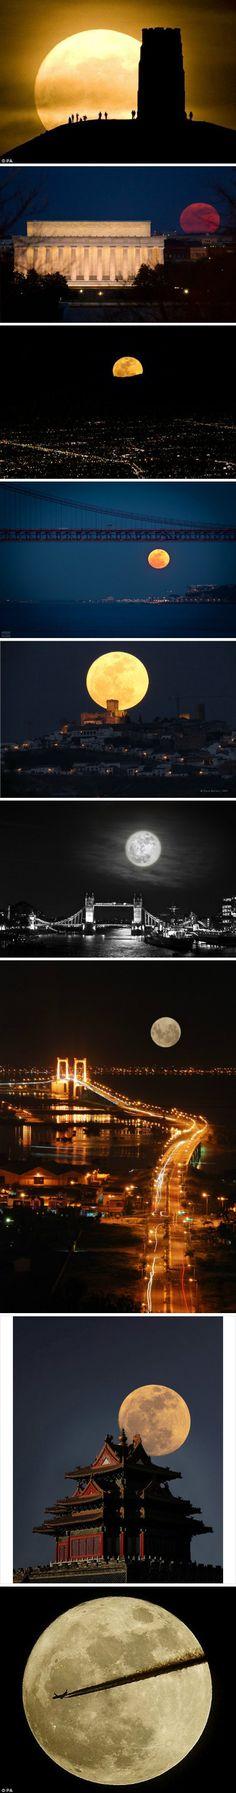 Again, super moon